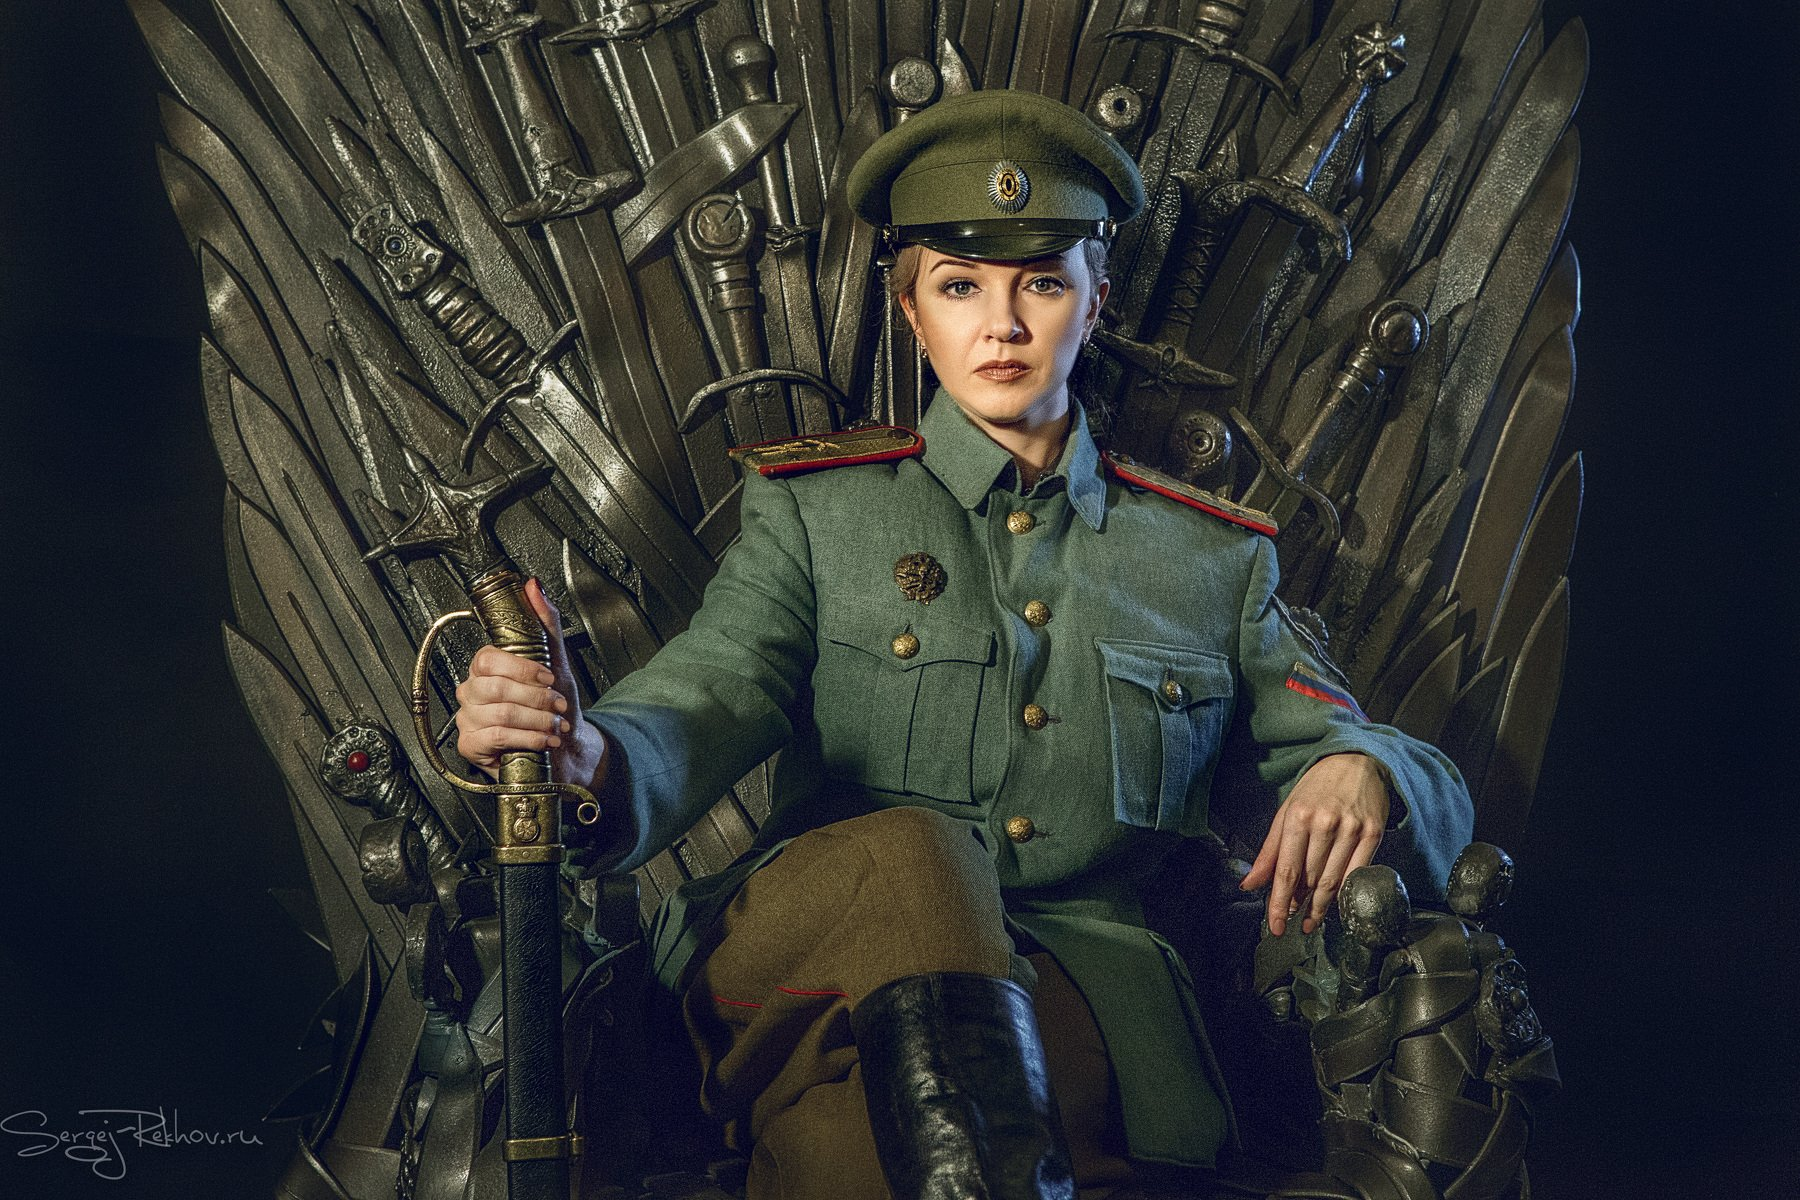 офицер, девушка, революция, военный, рехов, сергейрехов, rekhov, sergejrekhov, Сергей Рехов